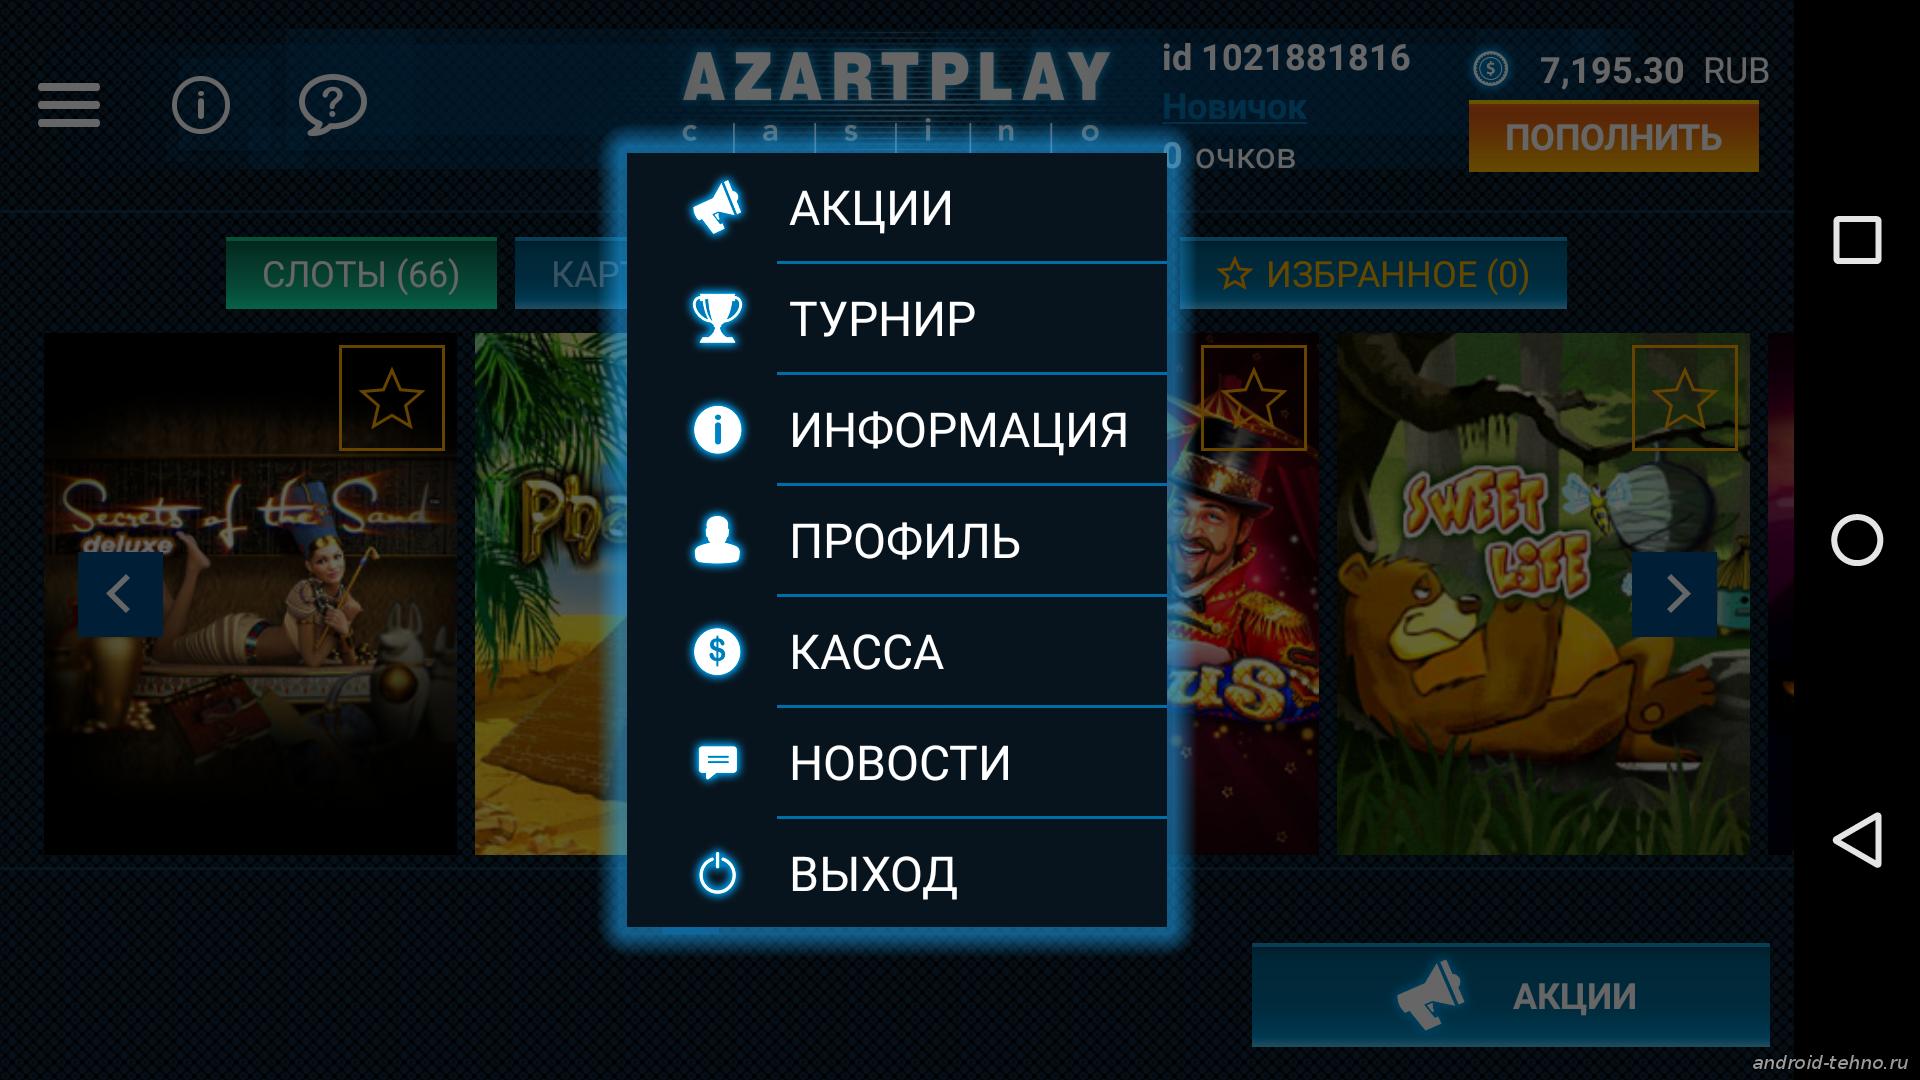 мобильный азарт плей